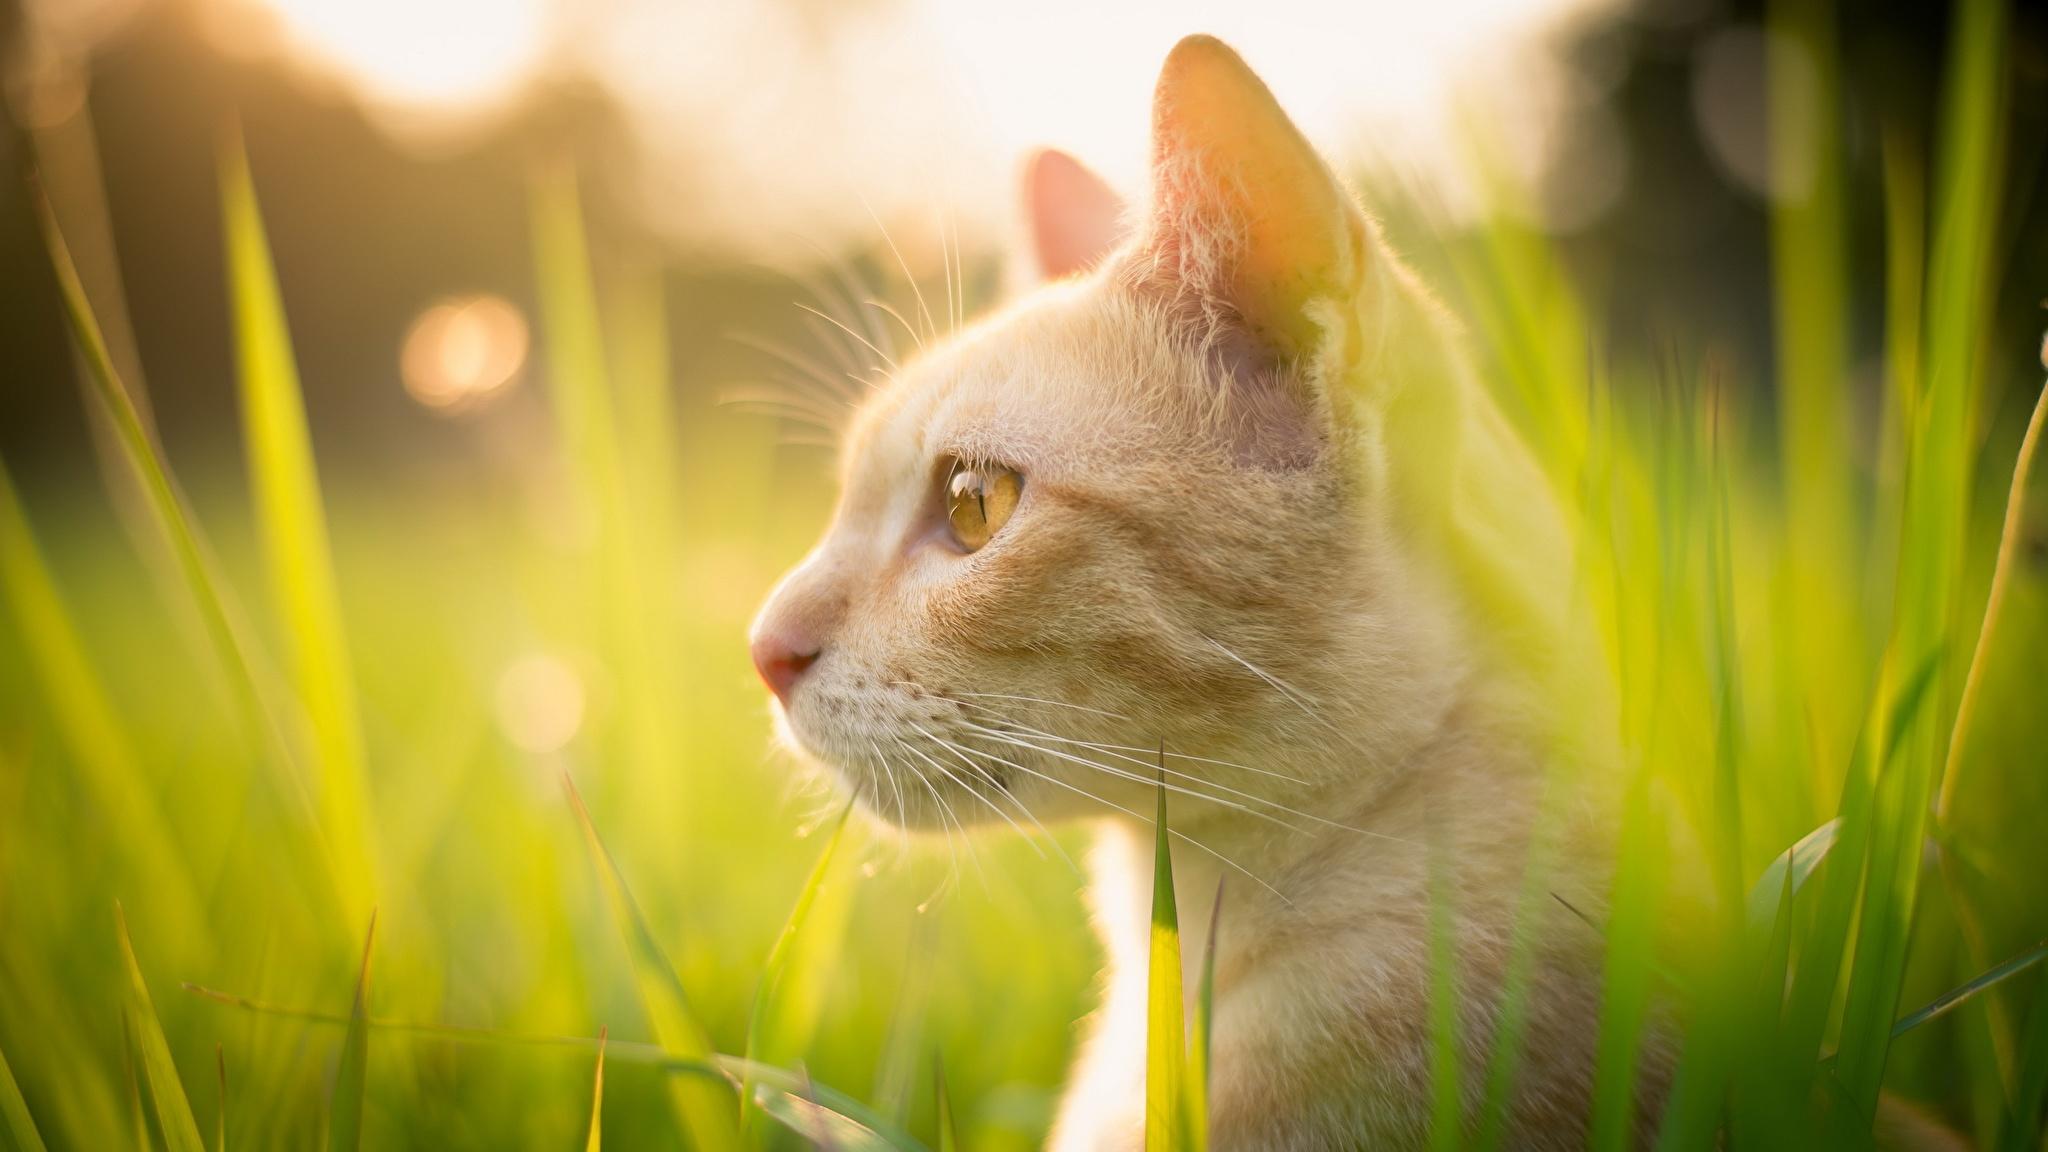 природа животные кот котенок серый журавлики nature animals cat kitten grey cranes  № 654644 без смс